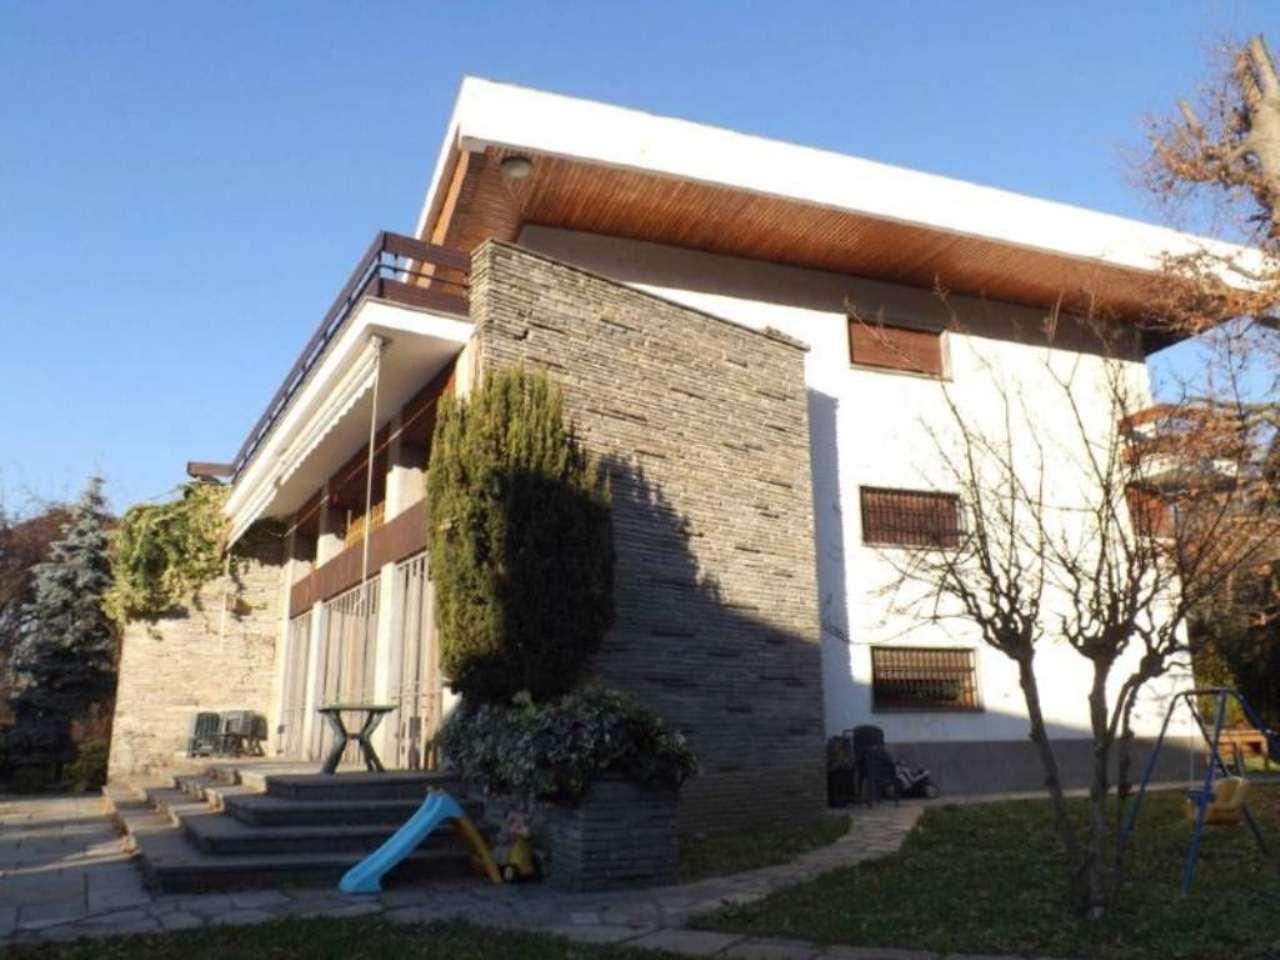 Villa in vendita a Torino, 9999 locali, zona Zona: 5 . Collina, Precollina, Crimea, Borgo Po, Granmadre, Madonna del Pilone, prezzo € 650.000 | Cambio Casa.it